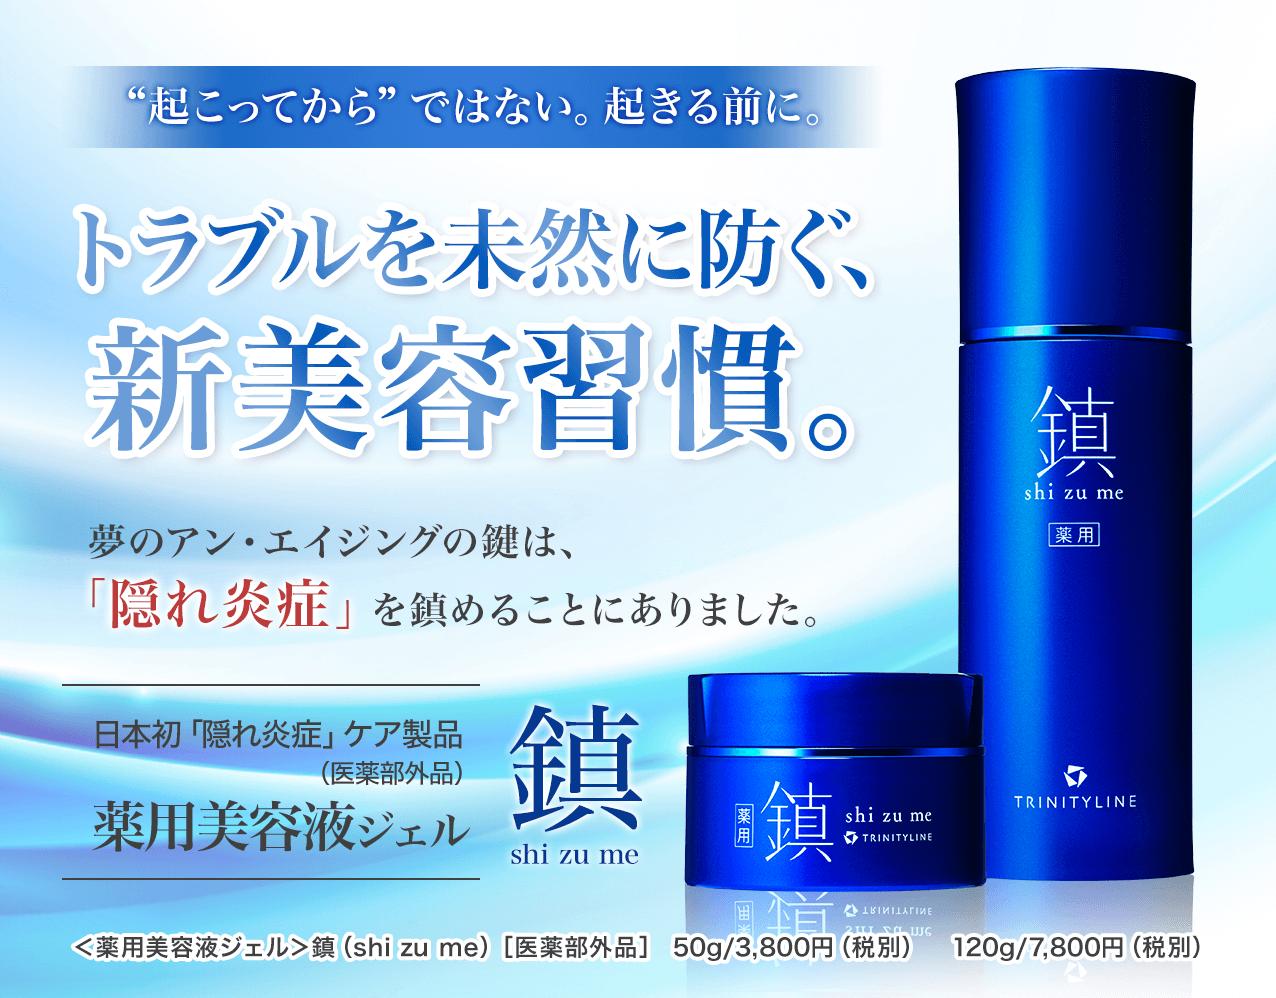 """""""起こってから""""ではない。起きる前に。トラブルを未然に防ぐ、新美容習慣。 夢のアン・エイジングの鍵は、「隠れ炎症」を鎮めることにありました。日本初「隠れ炎症」ケア製品(医薬部外品) 薬用美容液ジェル 鎮 shi zu me <薬用美容液ジェル>鎮(shi zu me)[医薬部外品] 50g/3,800円(税別) 120g/7,800円(税別)"""